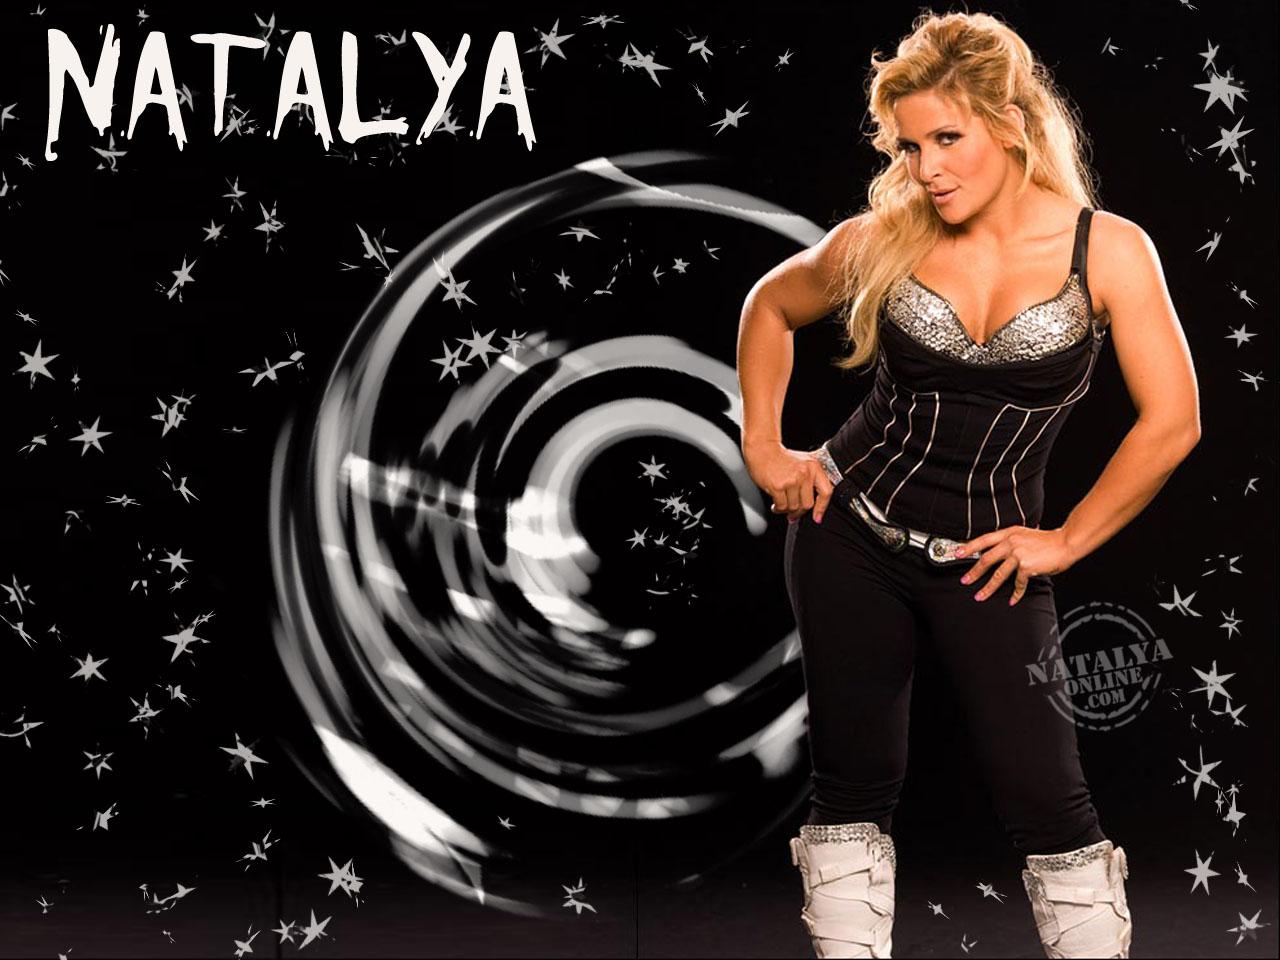 http://3.bp.blogspot.com/-fB1hT7rXkl0/T5J_oUb5zkI/AAAAAAAACQ8/gK_KsM-NFDw/s1600/WWE+Natalya+HD+Wallpapers+2012_6.jpg